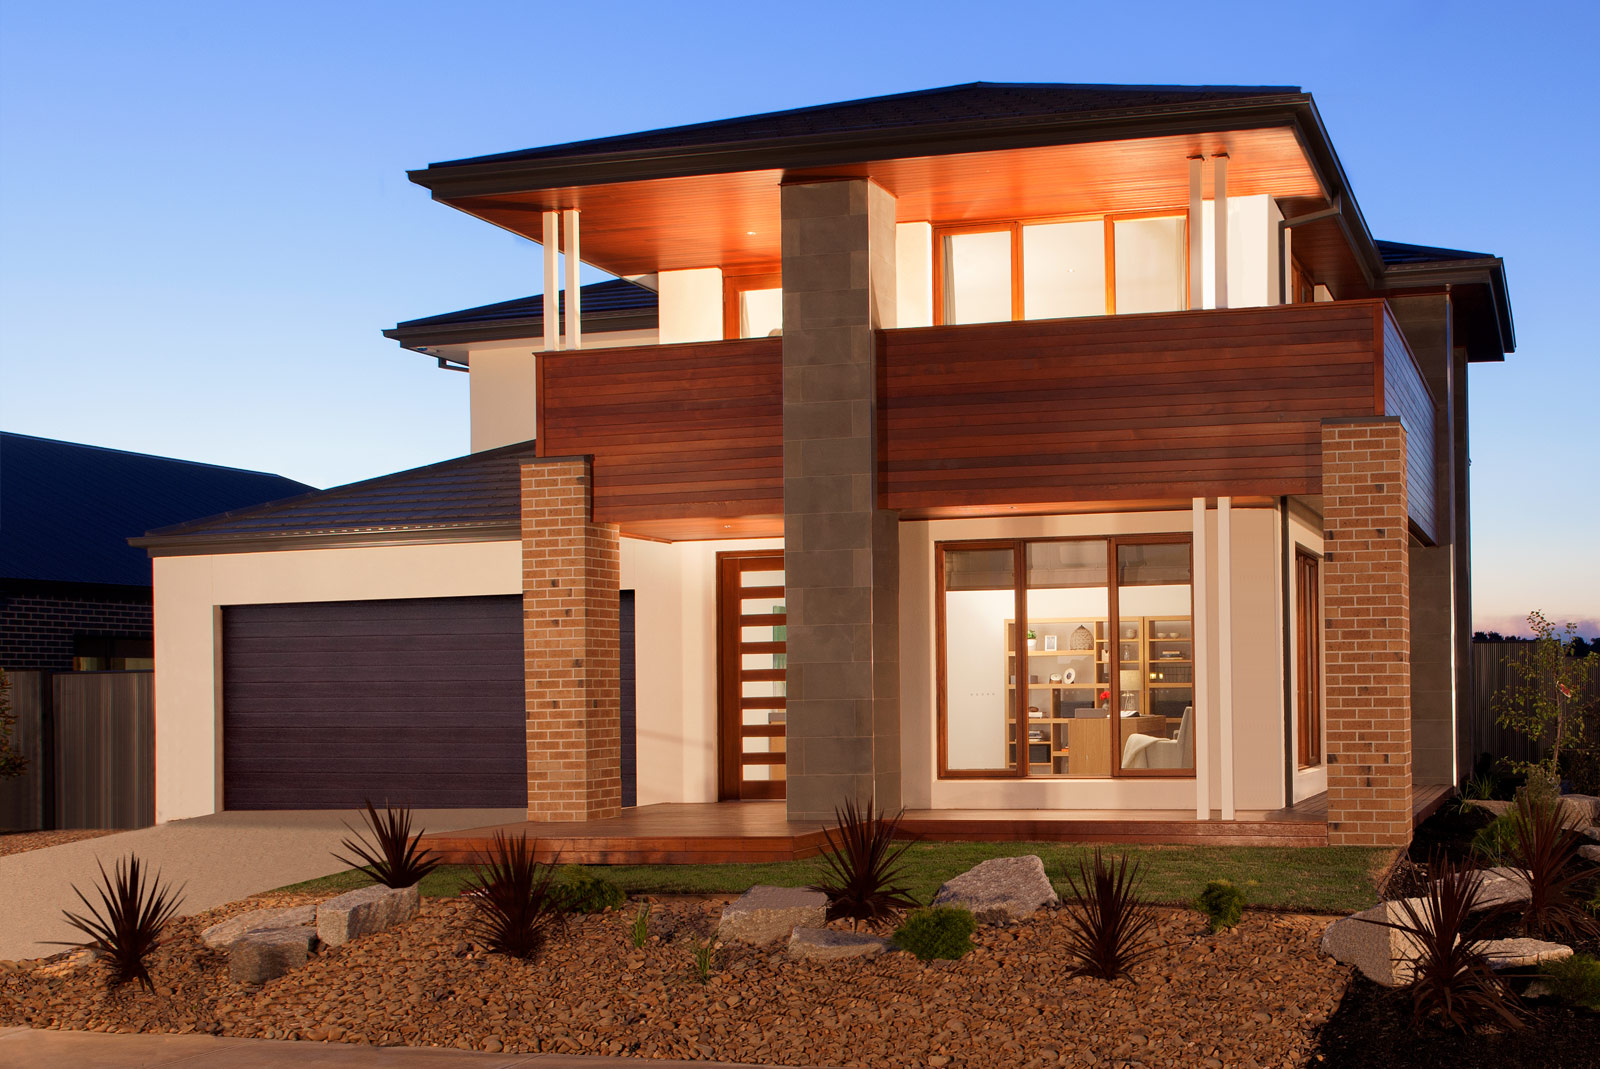 Casas De Madera Todos Los Modelos Precios Y M2 Baratas O Lujo